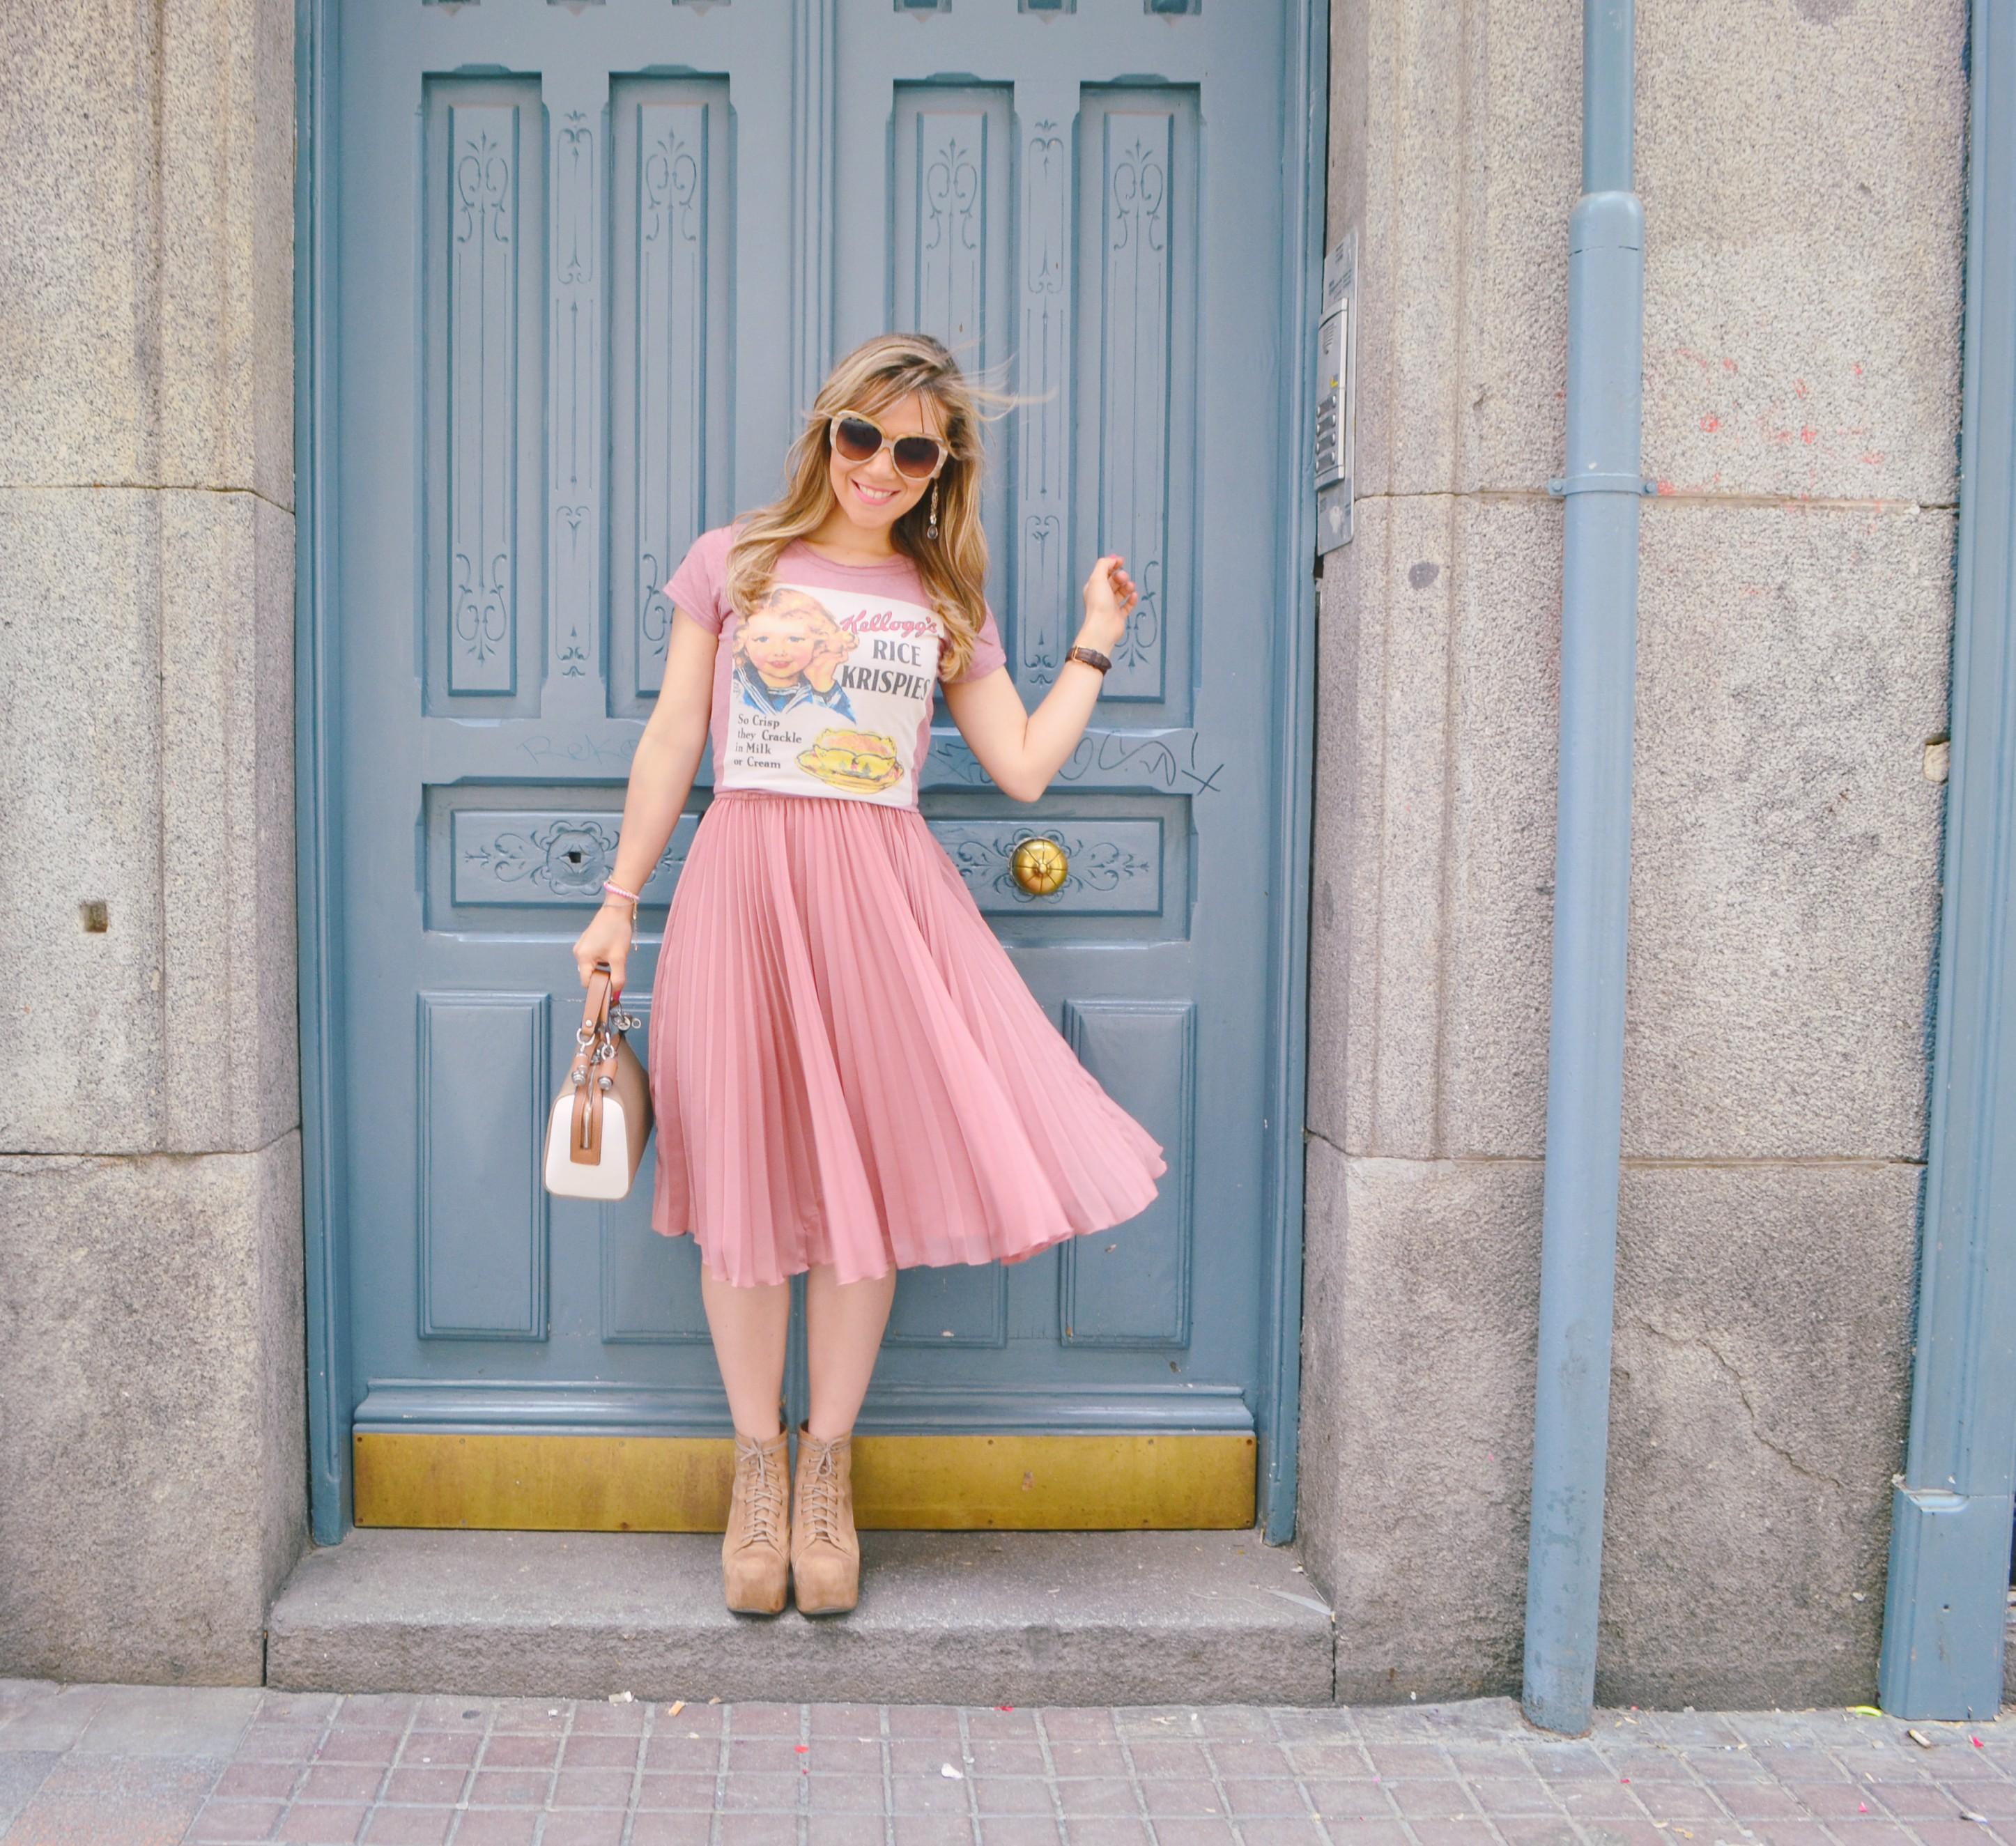 Rose-Quartz-look-ChicAdicta-Chic-Adicta-outfit-con-falda-plisada-rosa-cuarzo-style-bolsos-PepeMoll-jeffreycampbellshoes-PiensaenChic-Piensa-en-Chic